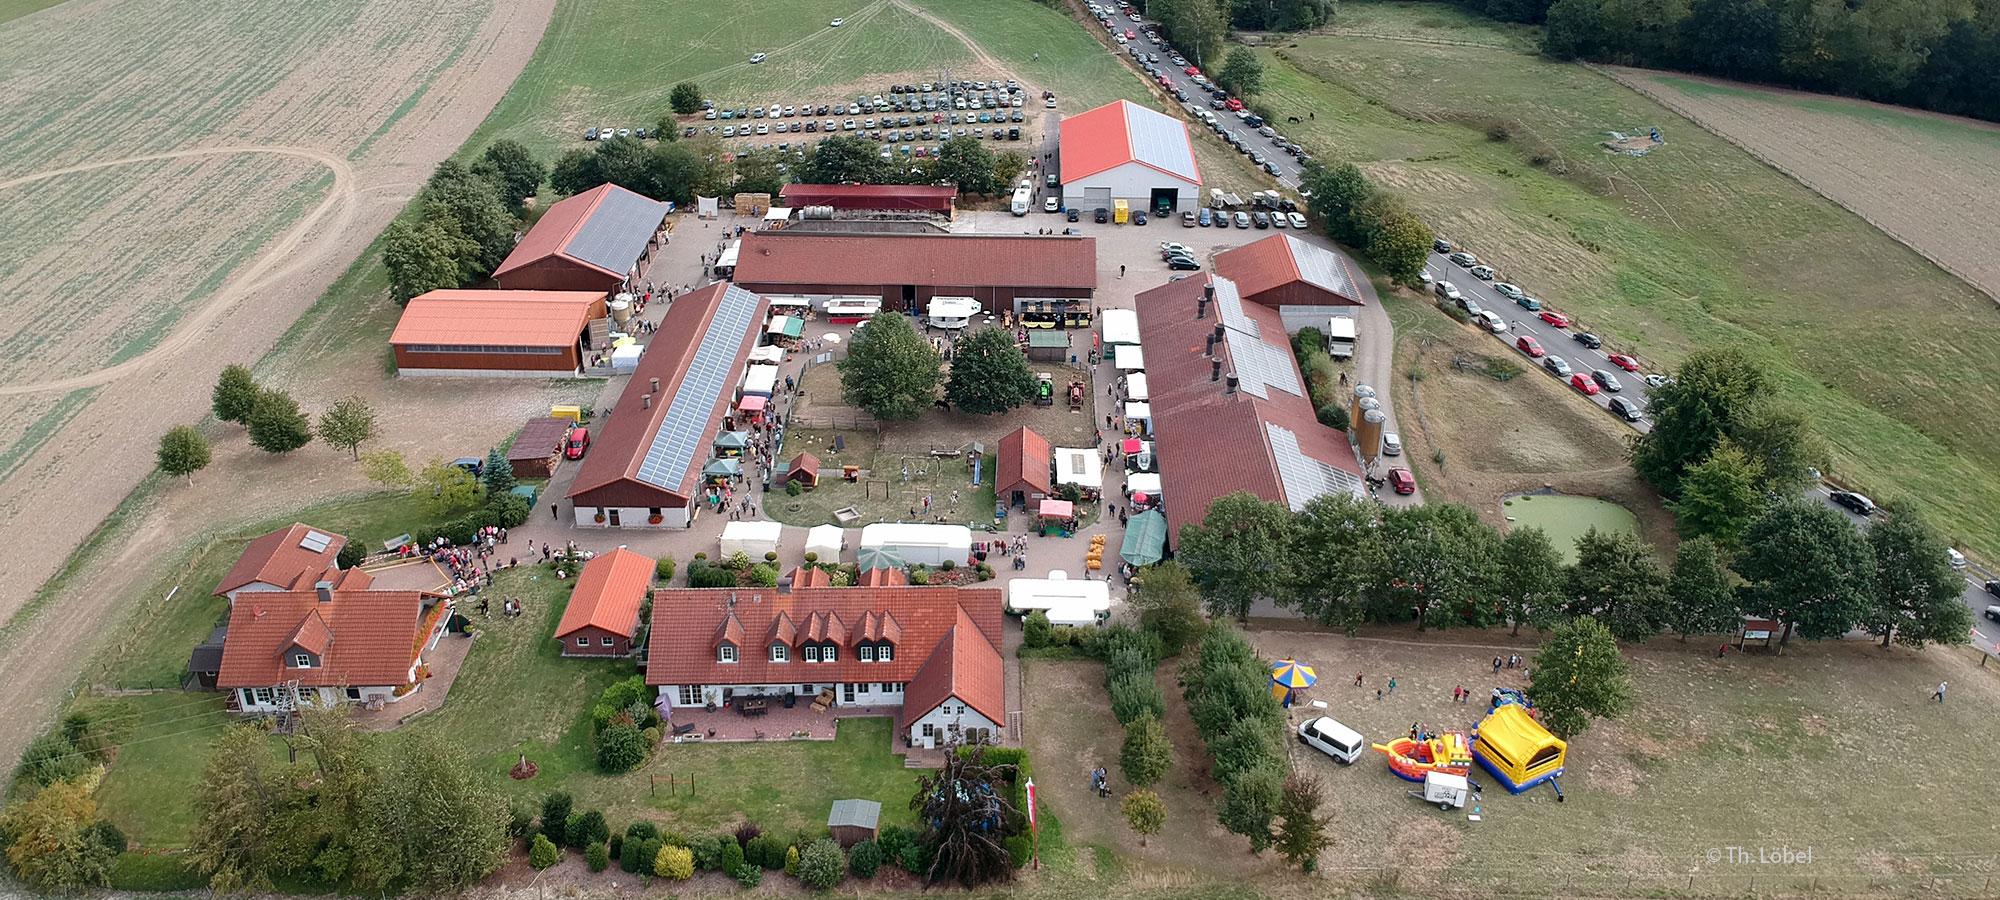 Kalthofer Bauernmarkt 2019